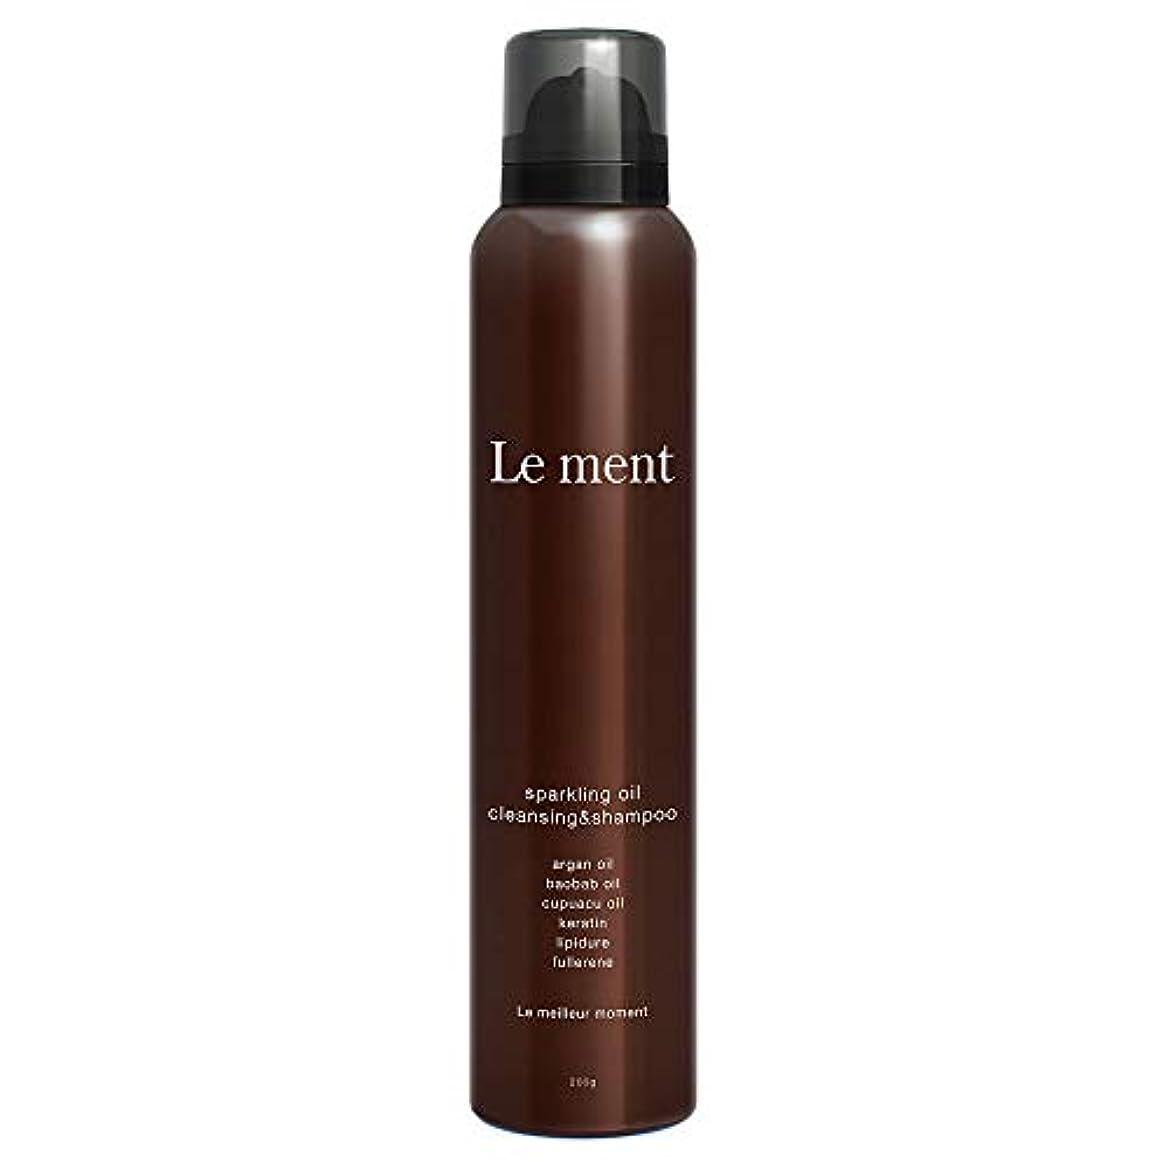 アッパースペルミスペンドLe ment -sparkling oil cleansing & shampoo -